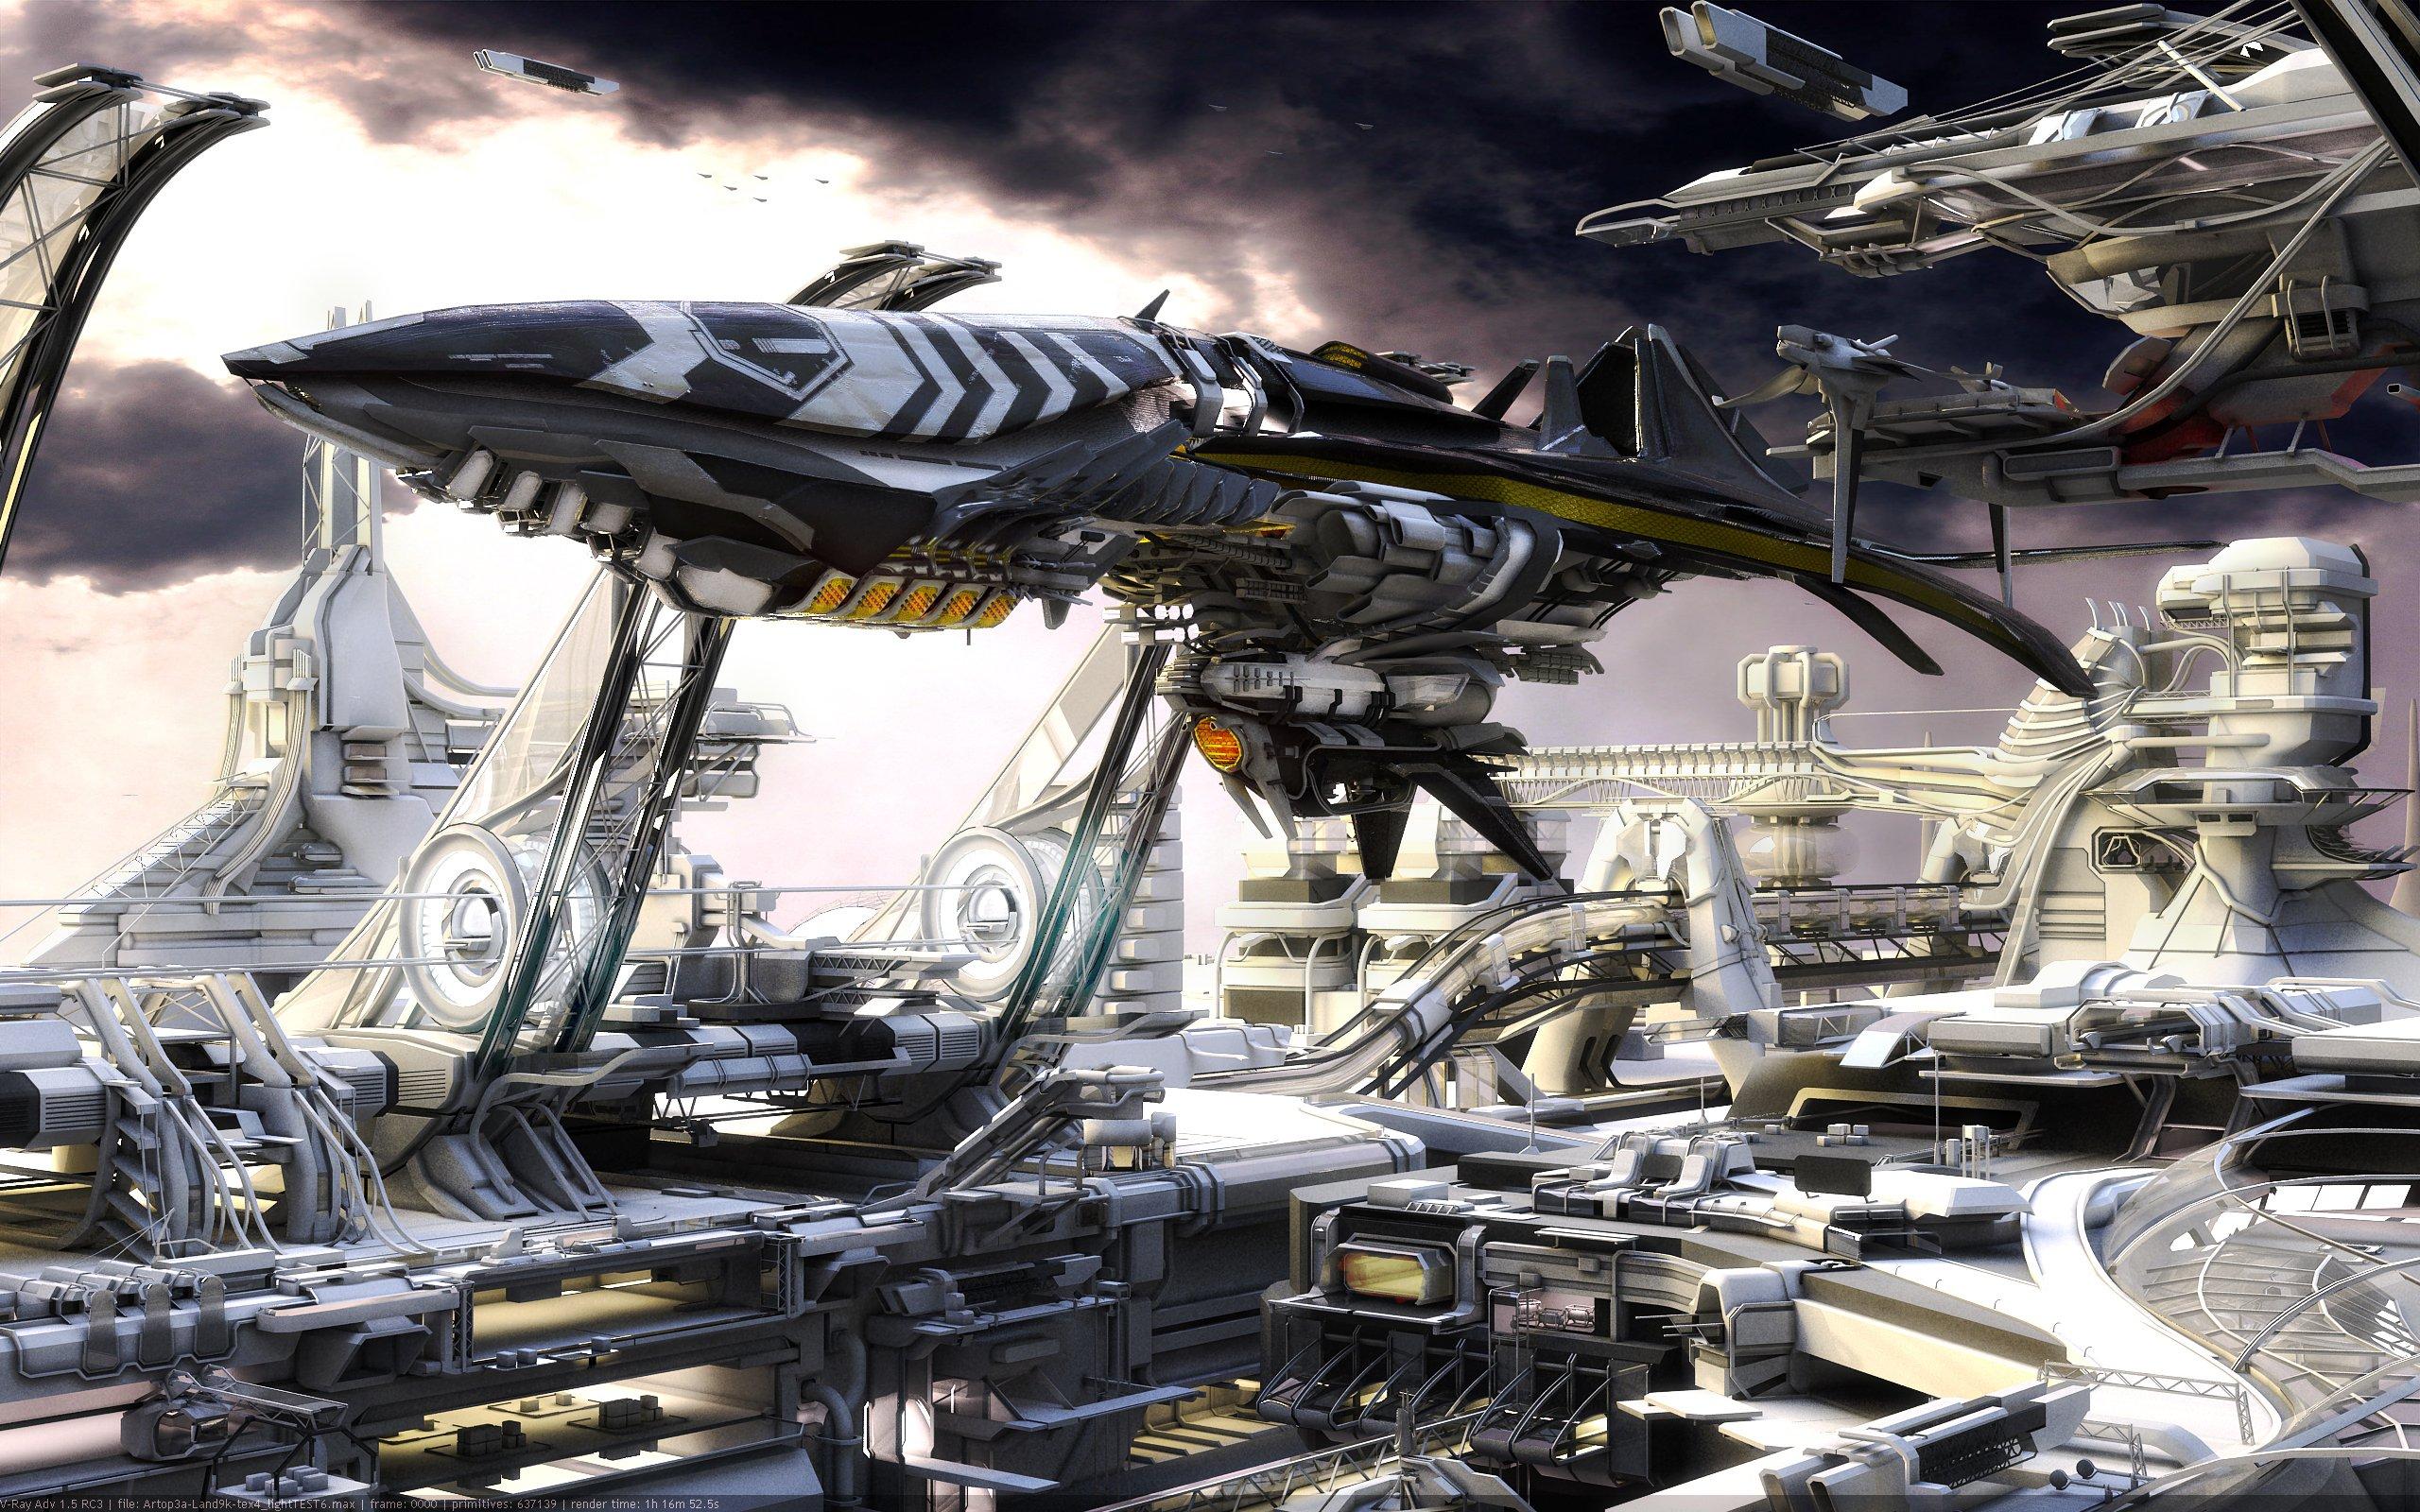 Carrier_Concept_Final_by_kheng.145562253